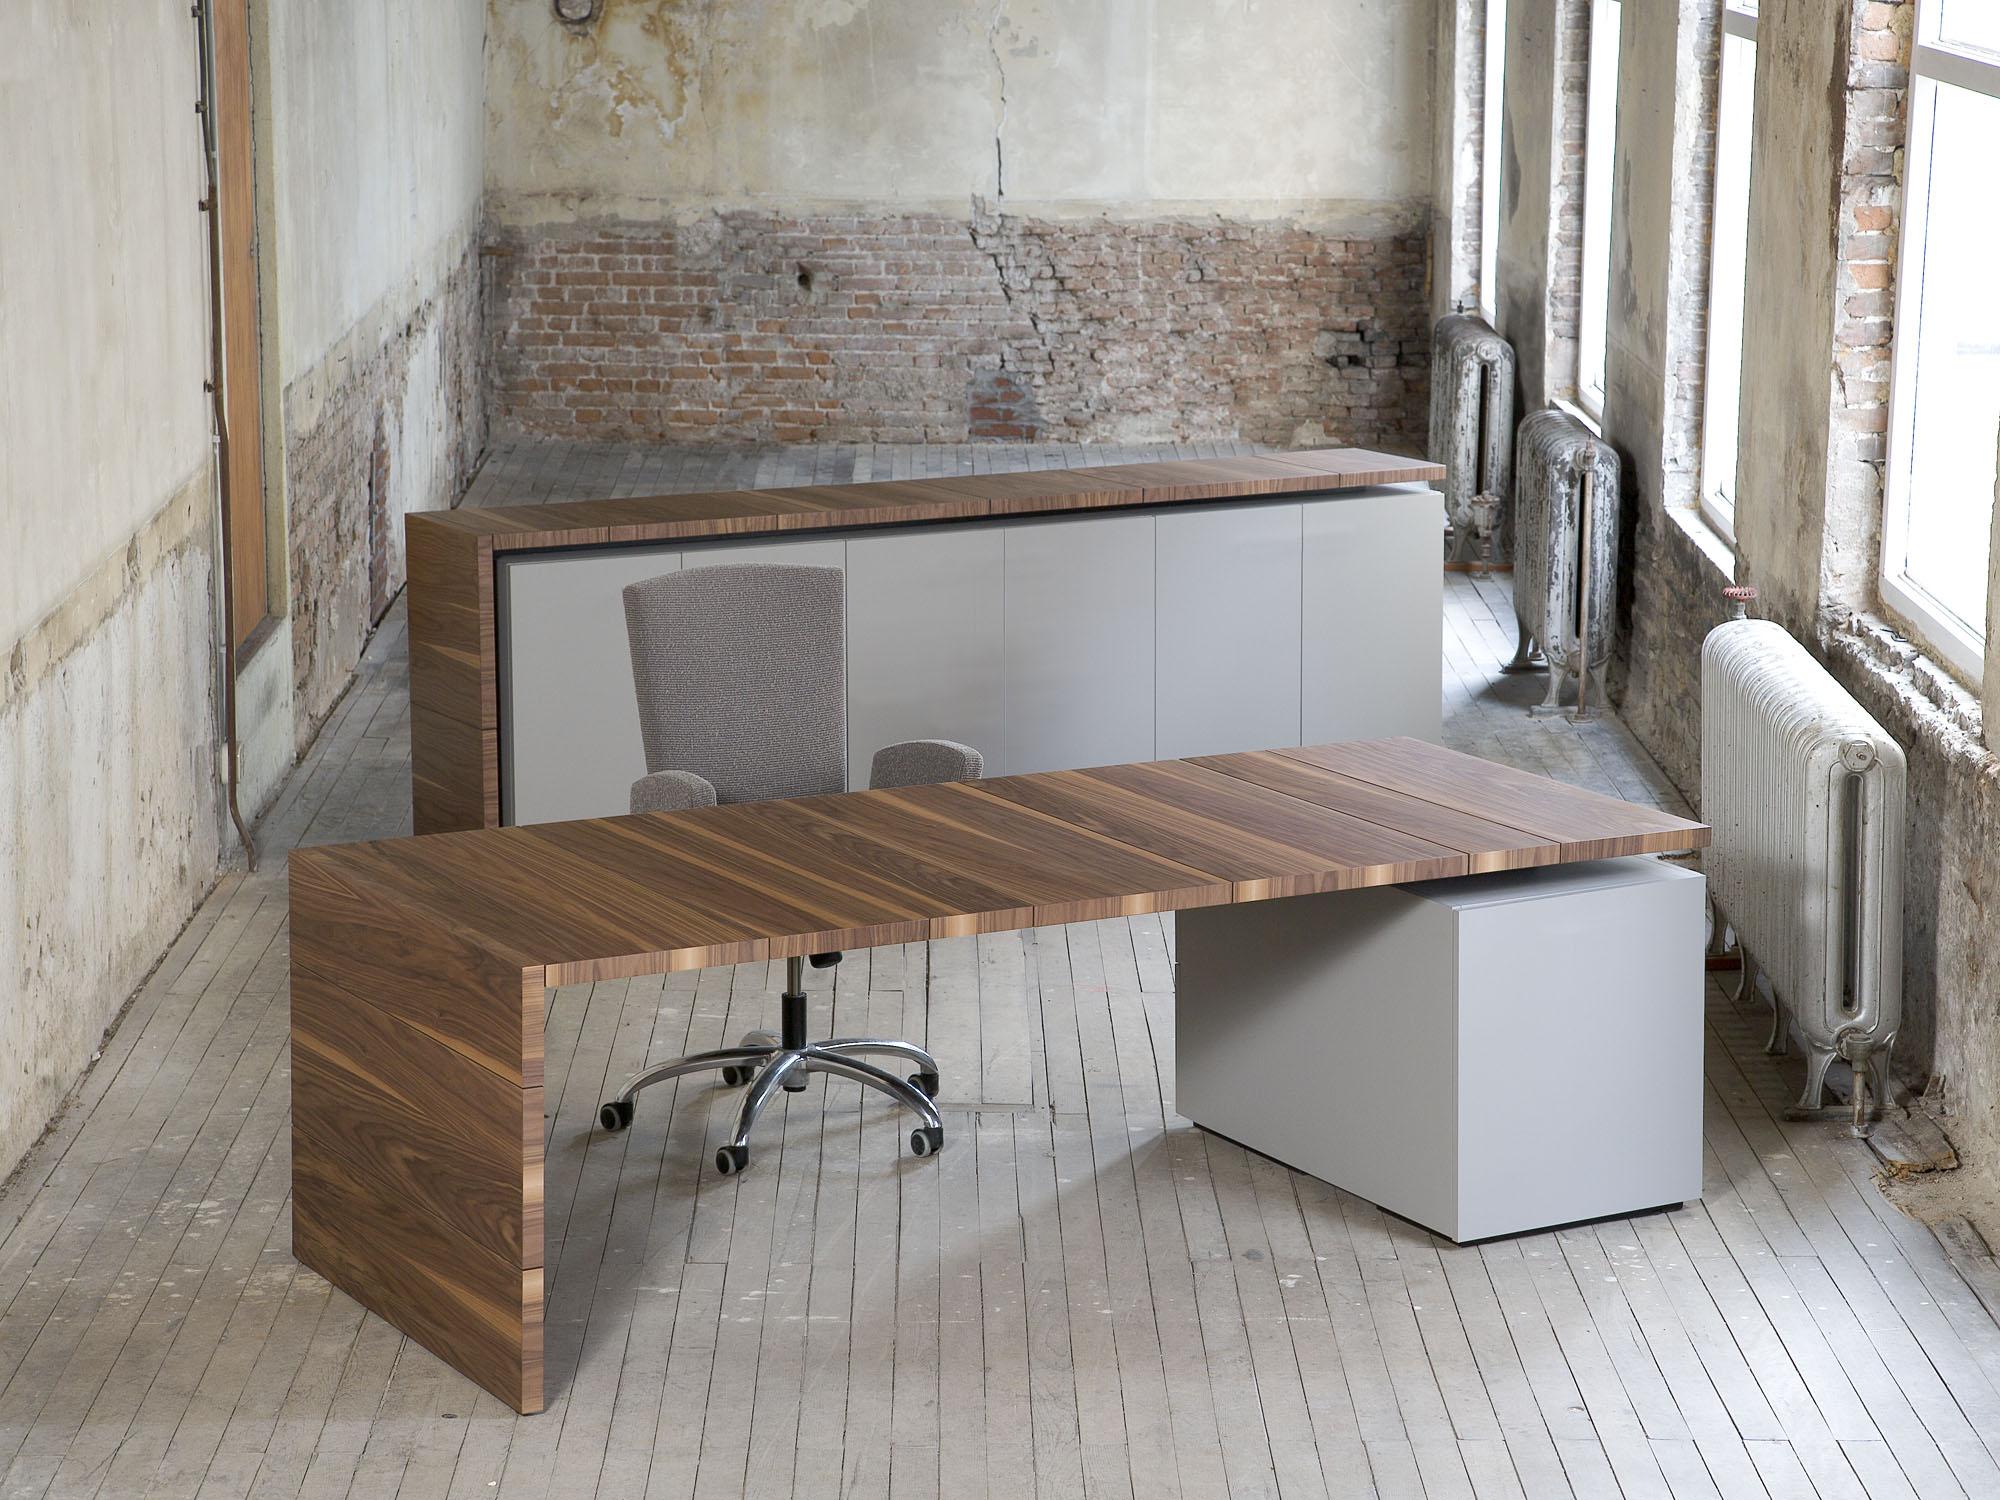 LV-bureau en LV-kast, ontwerp door Marieke Castelijn